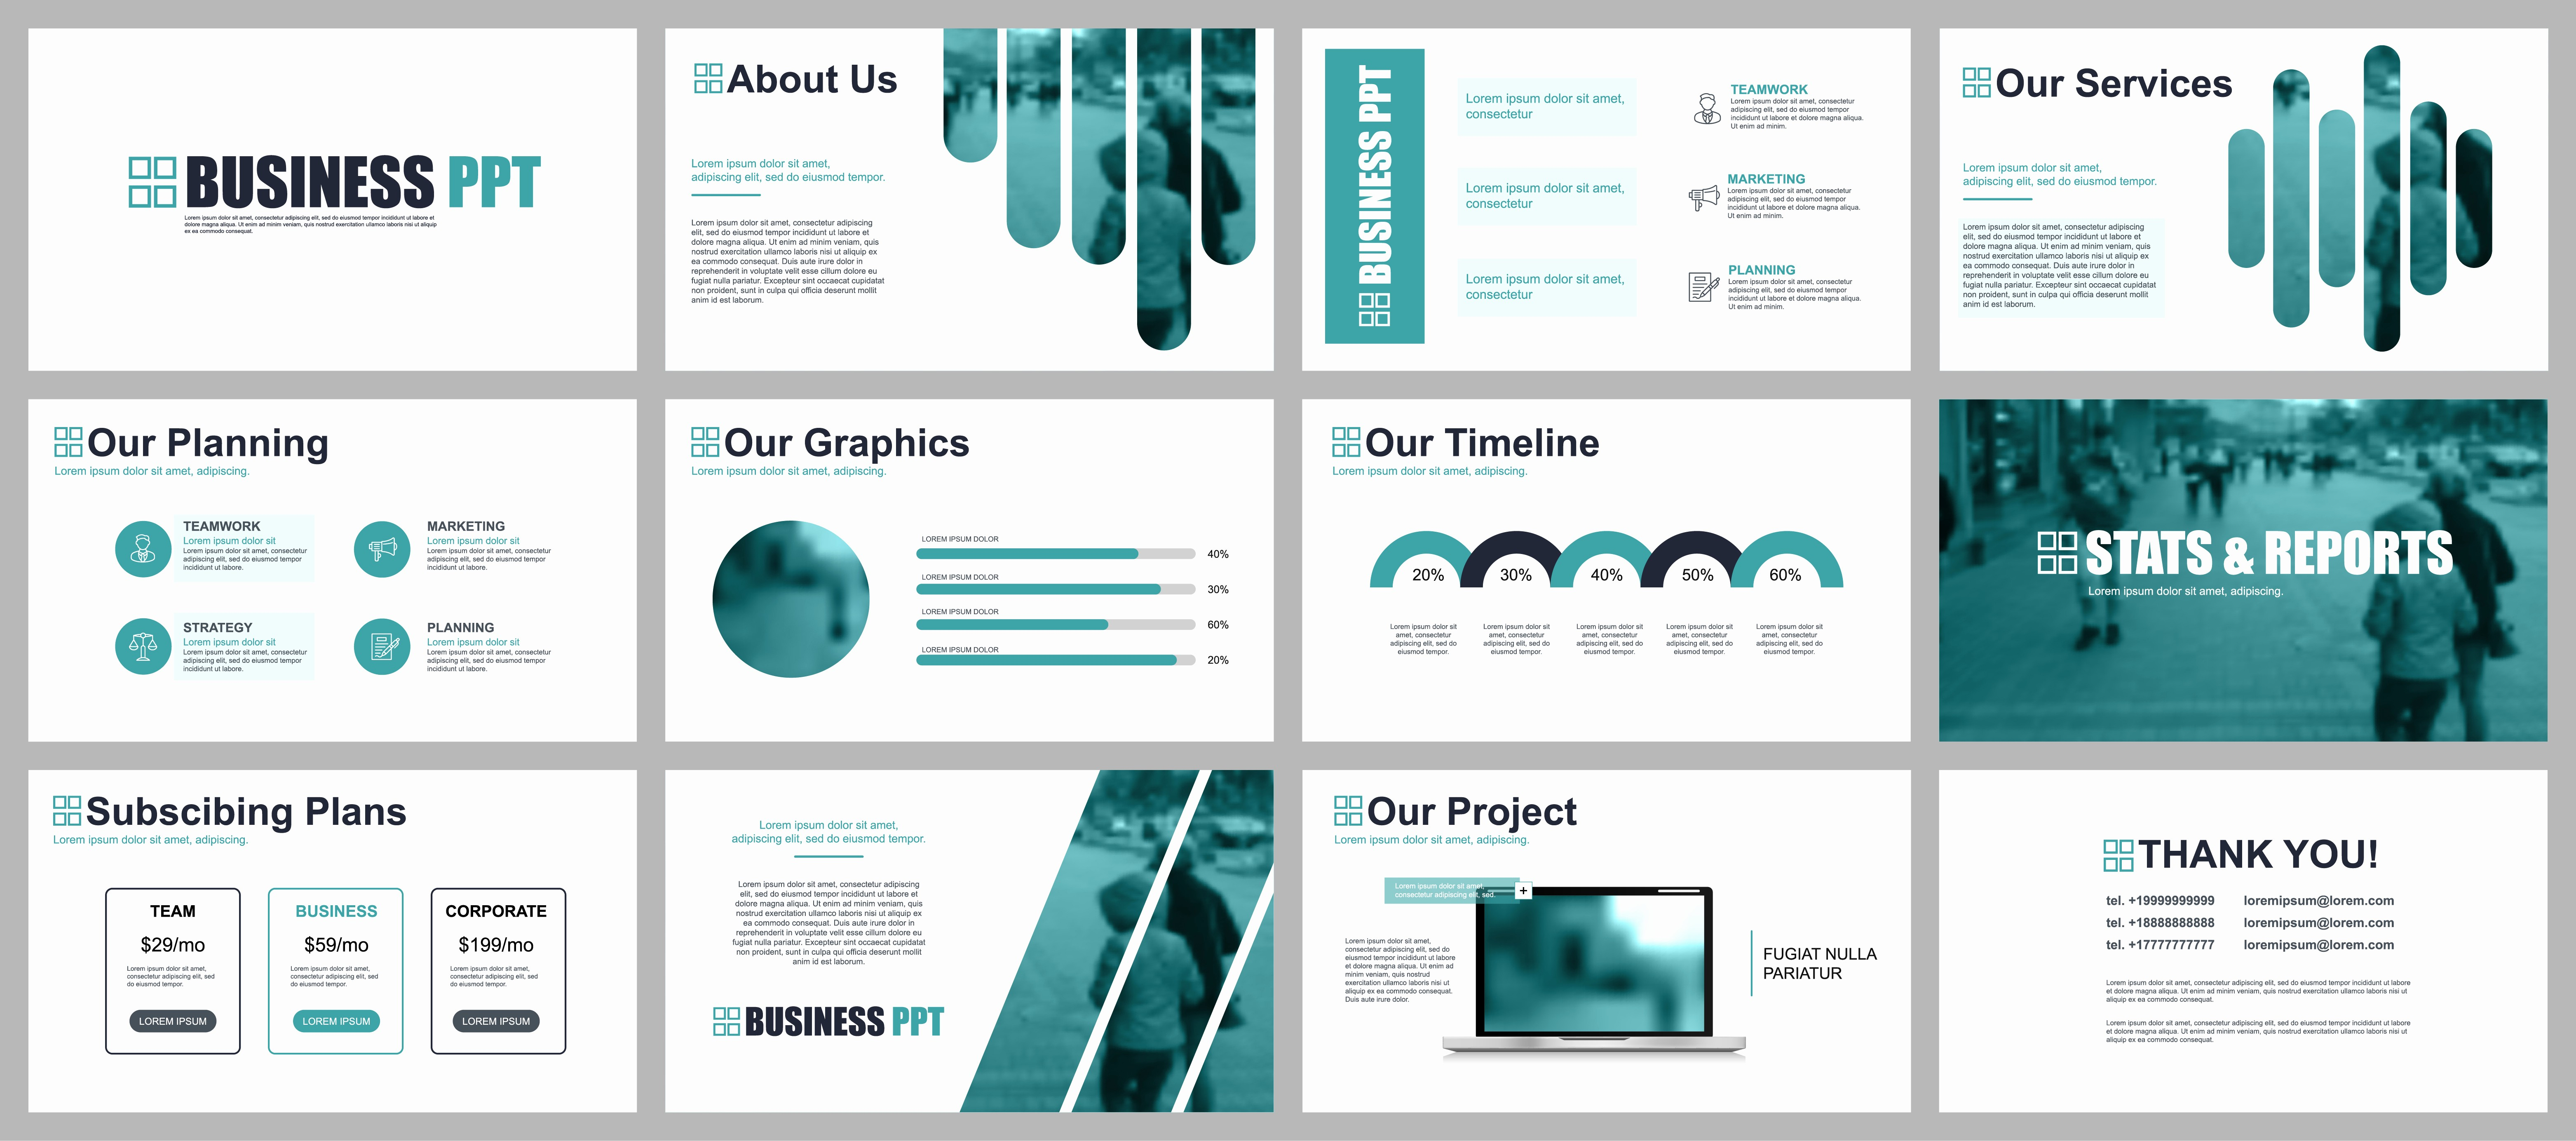 Ppt Template for Business Presentation Elegant Business Presentation Powerpoint Slides Templates